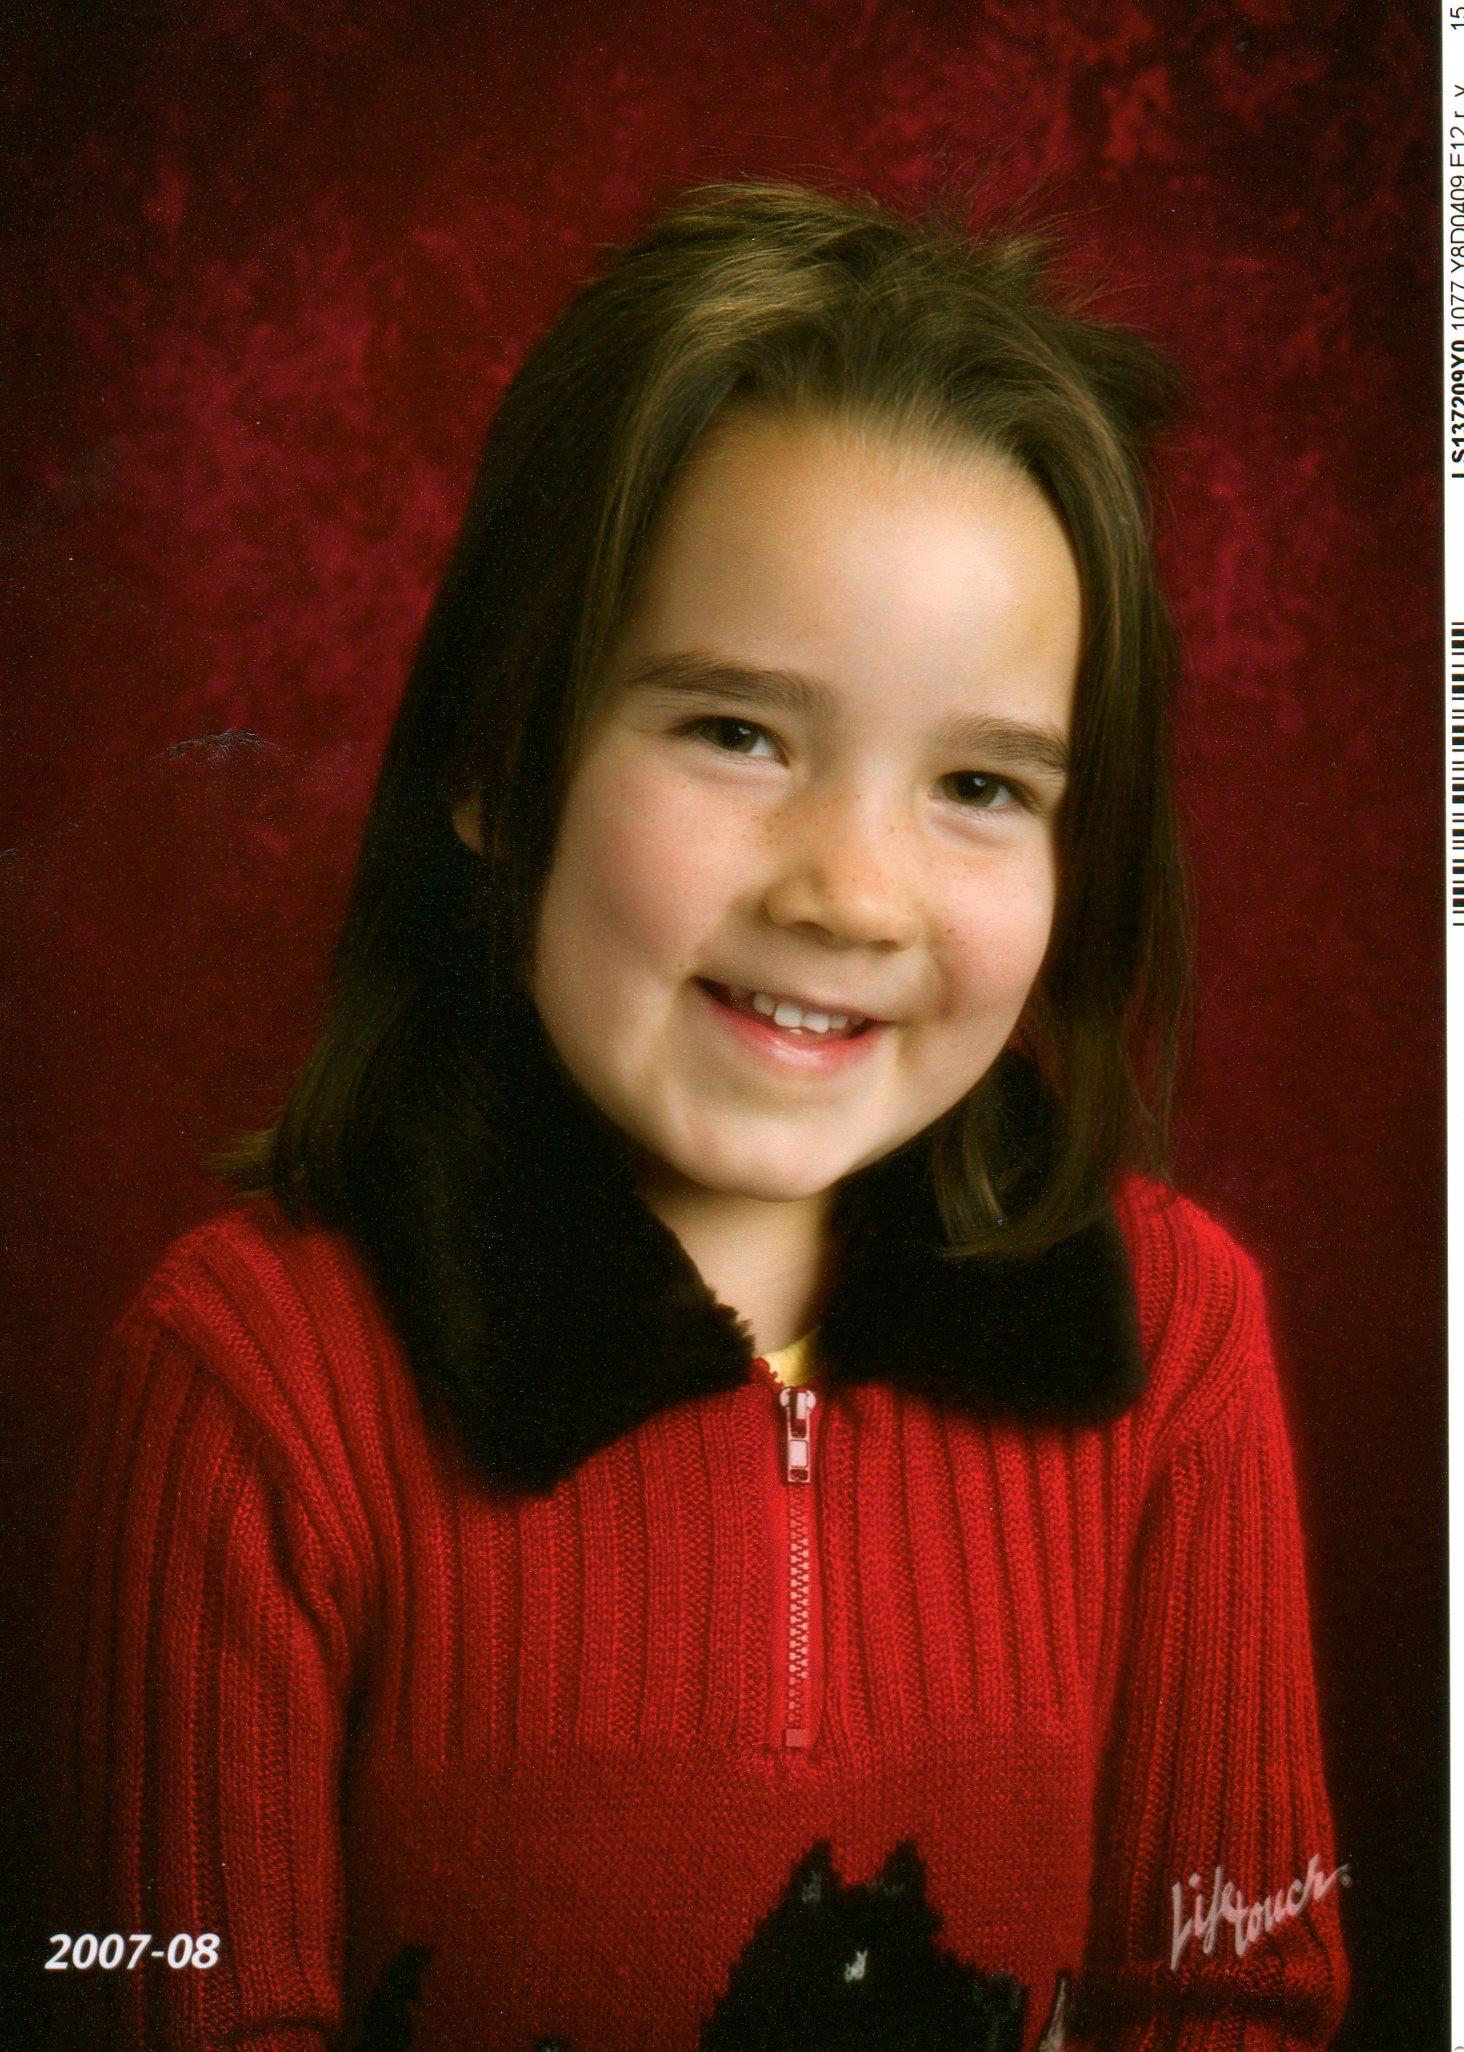 Talia, age 5, in Kindergarten, Adams Elementary School, Fall of 2007.